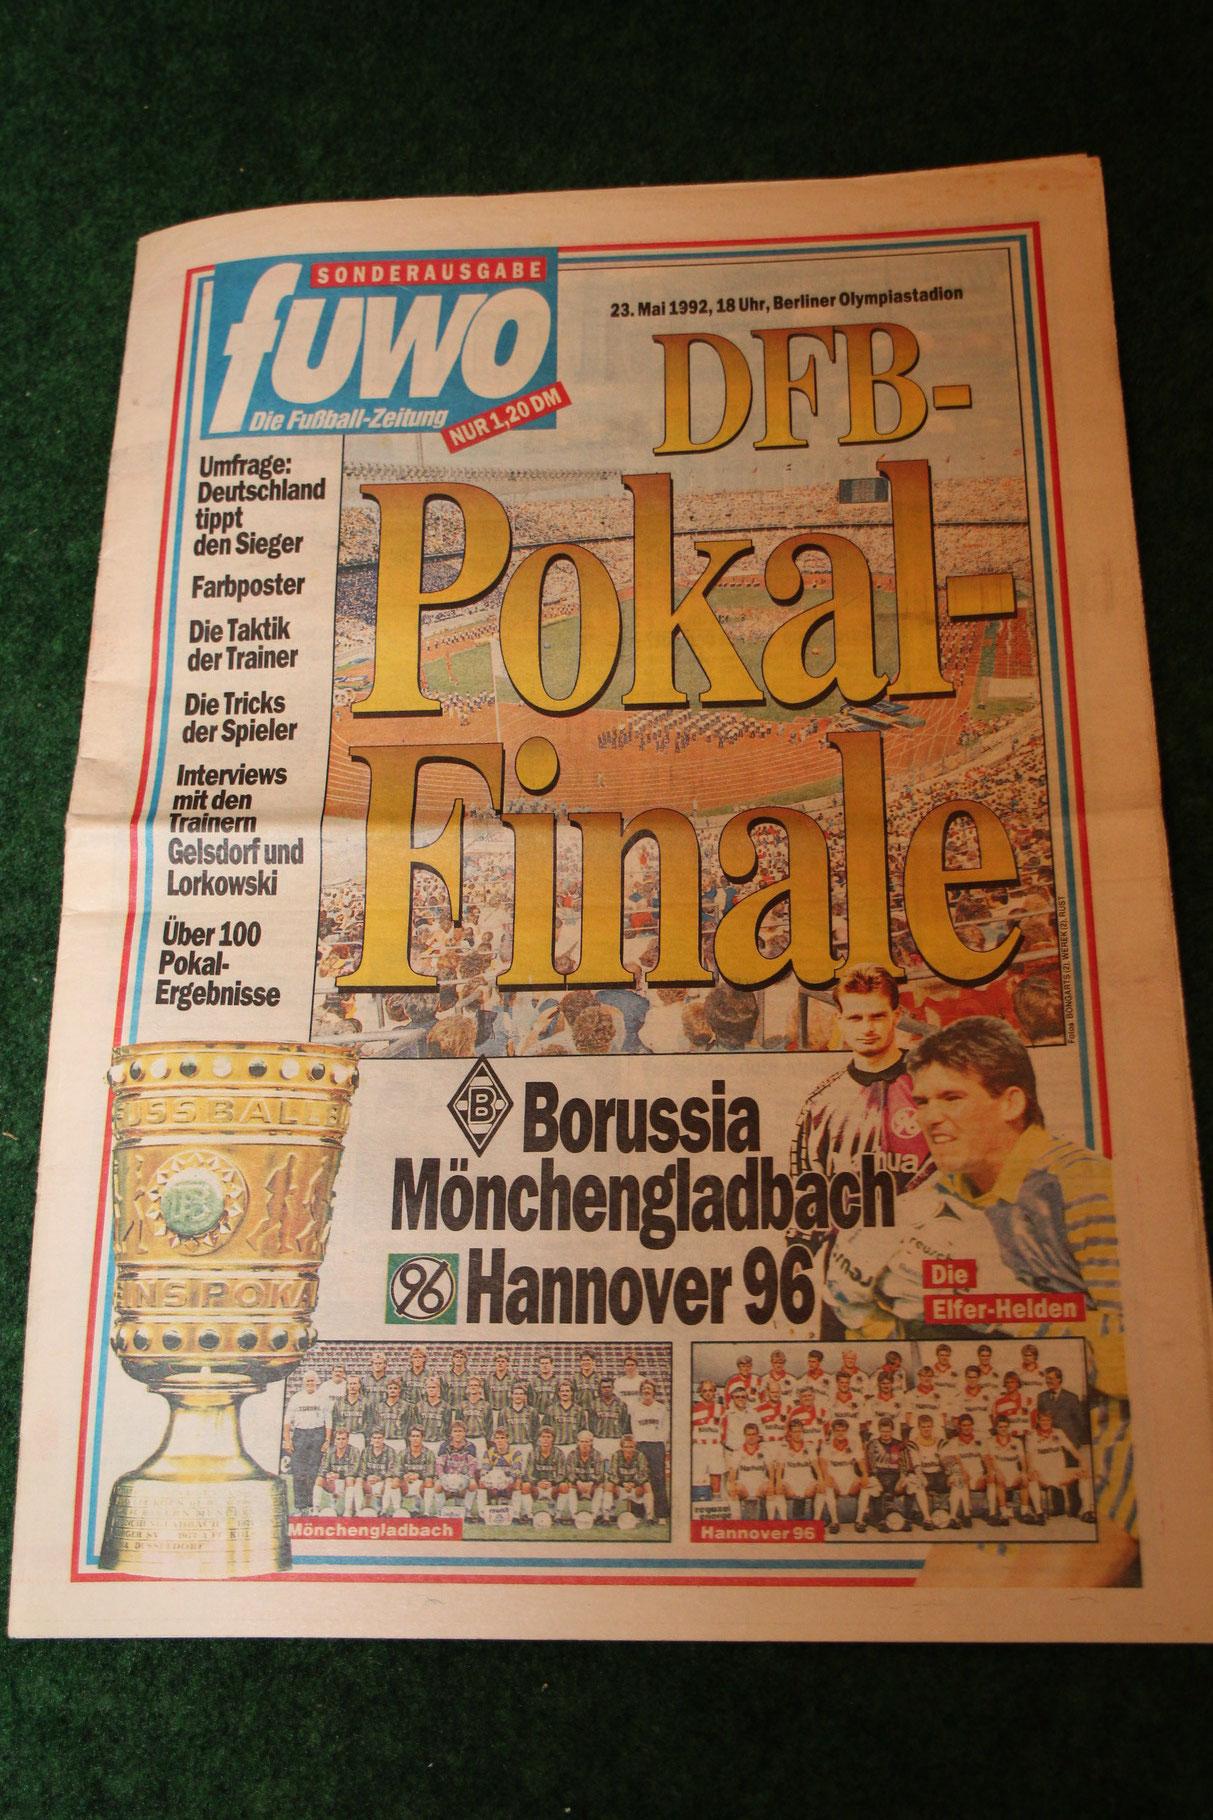 Fußball-Woche Sonderausgabe zum DFB-Pokal Finale 1992 Gladbach gegen Hannover 96.